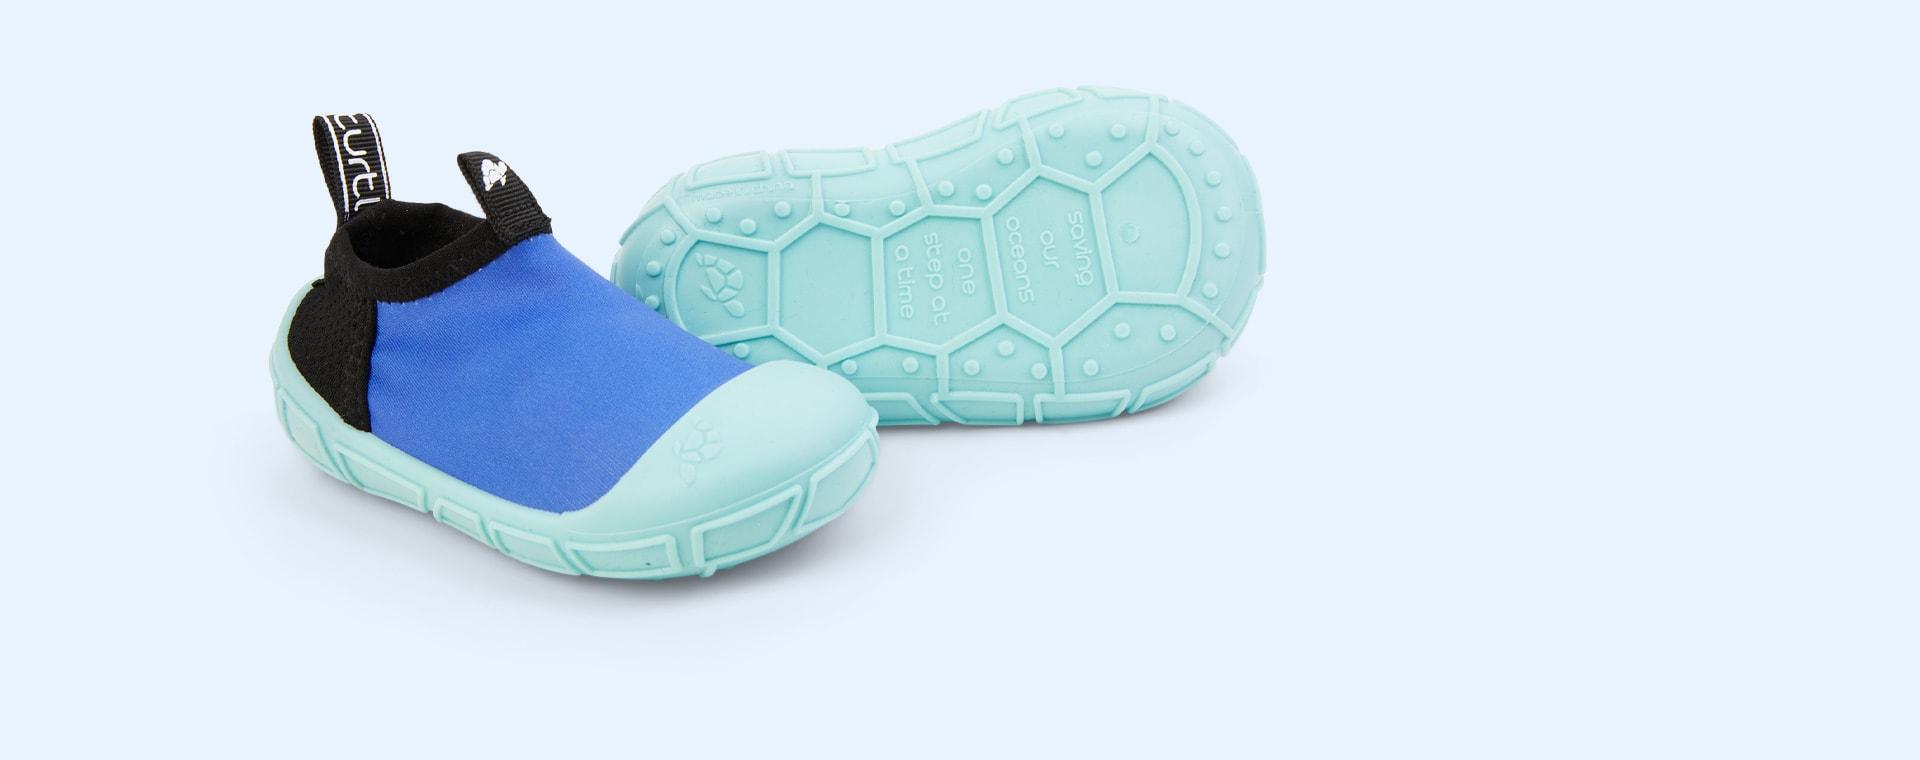 Blue turtl Aqua Shoes